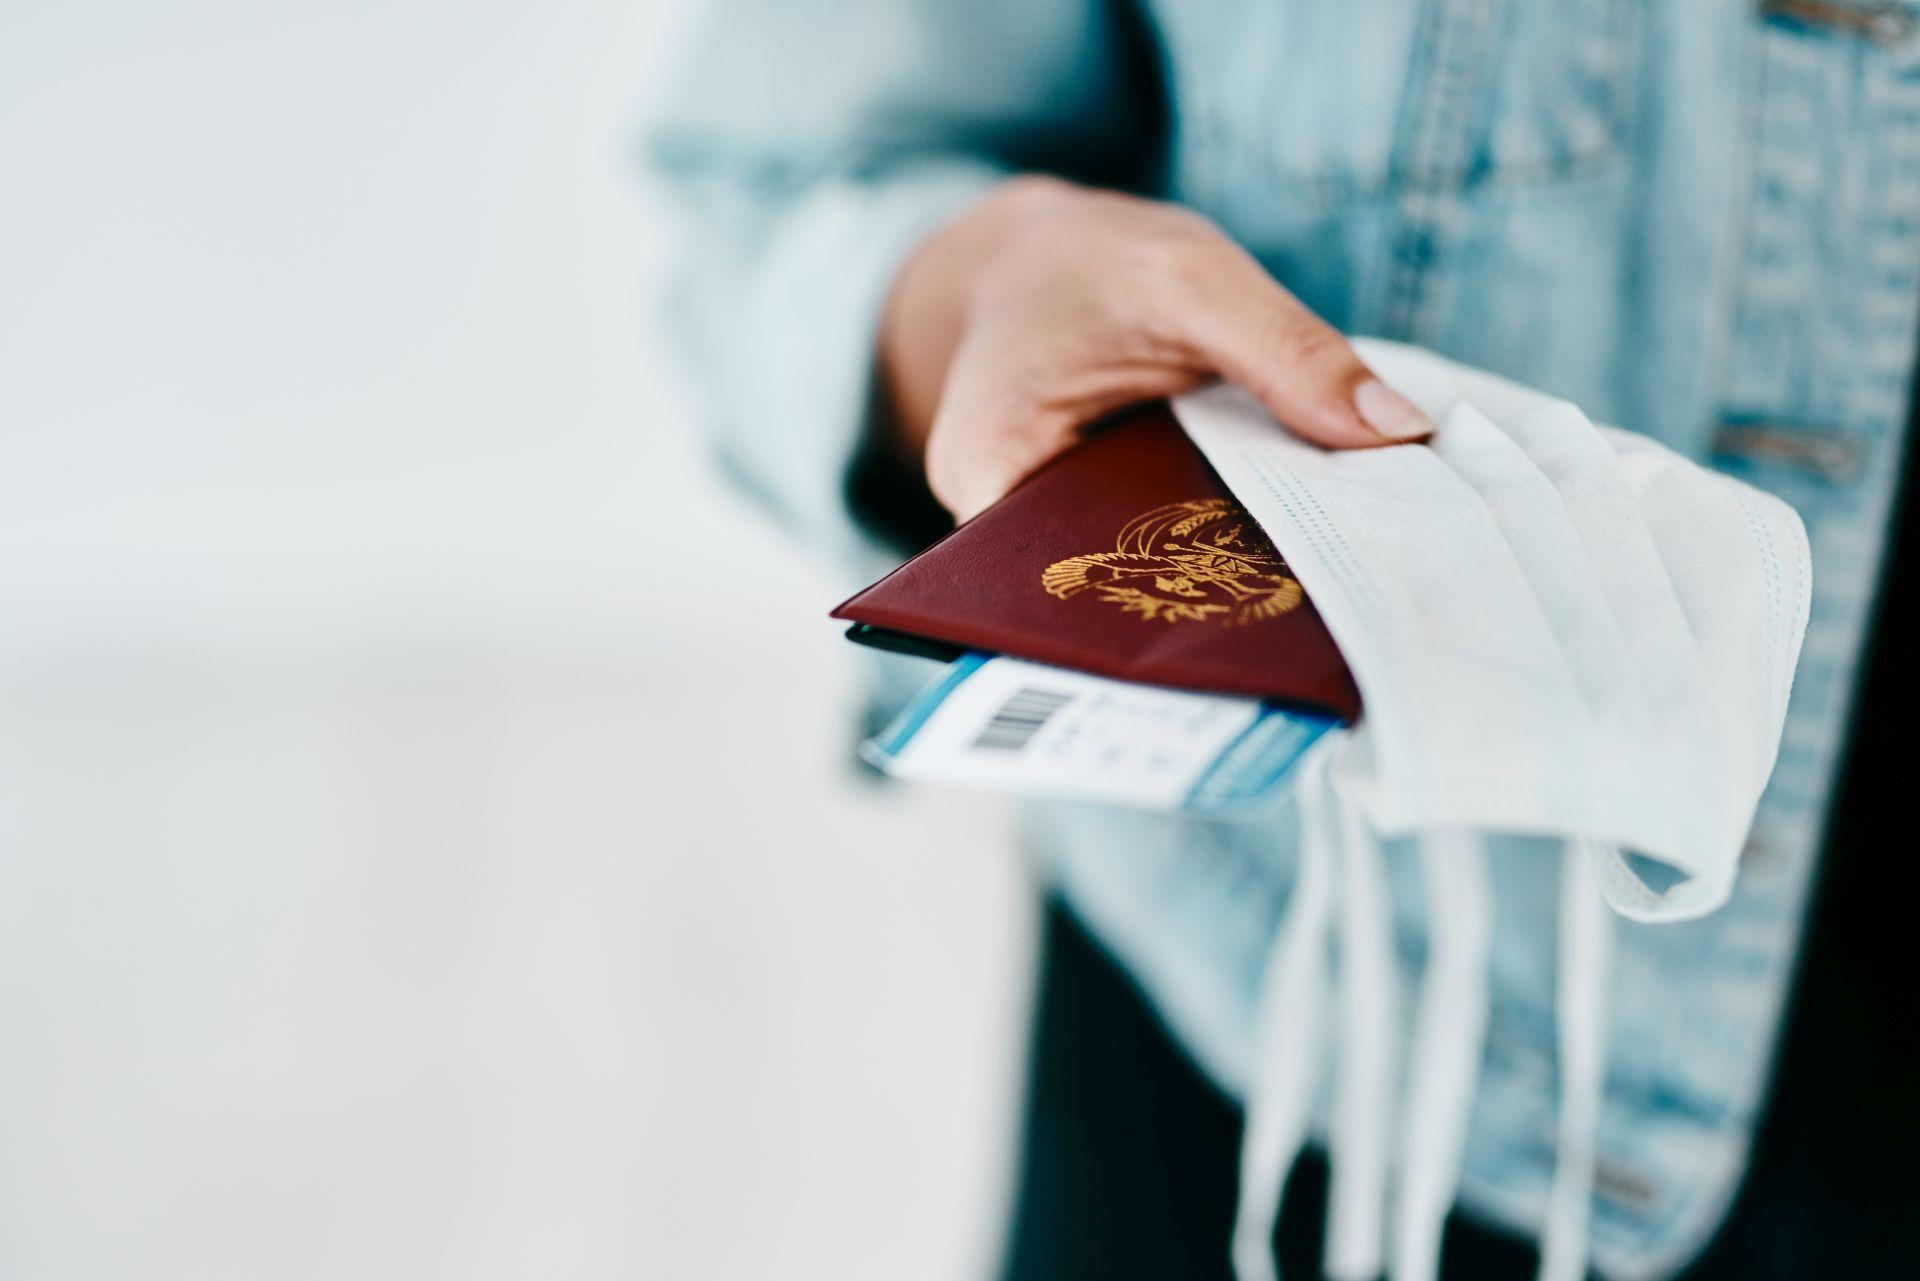 Frau hält Reisepass, Ticket und Maske in der Hand